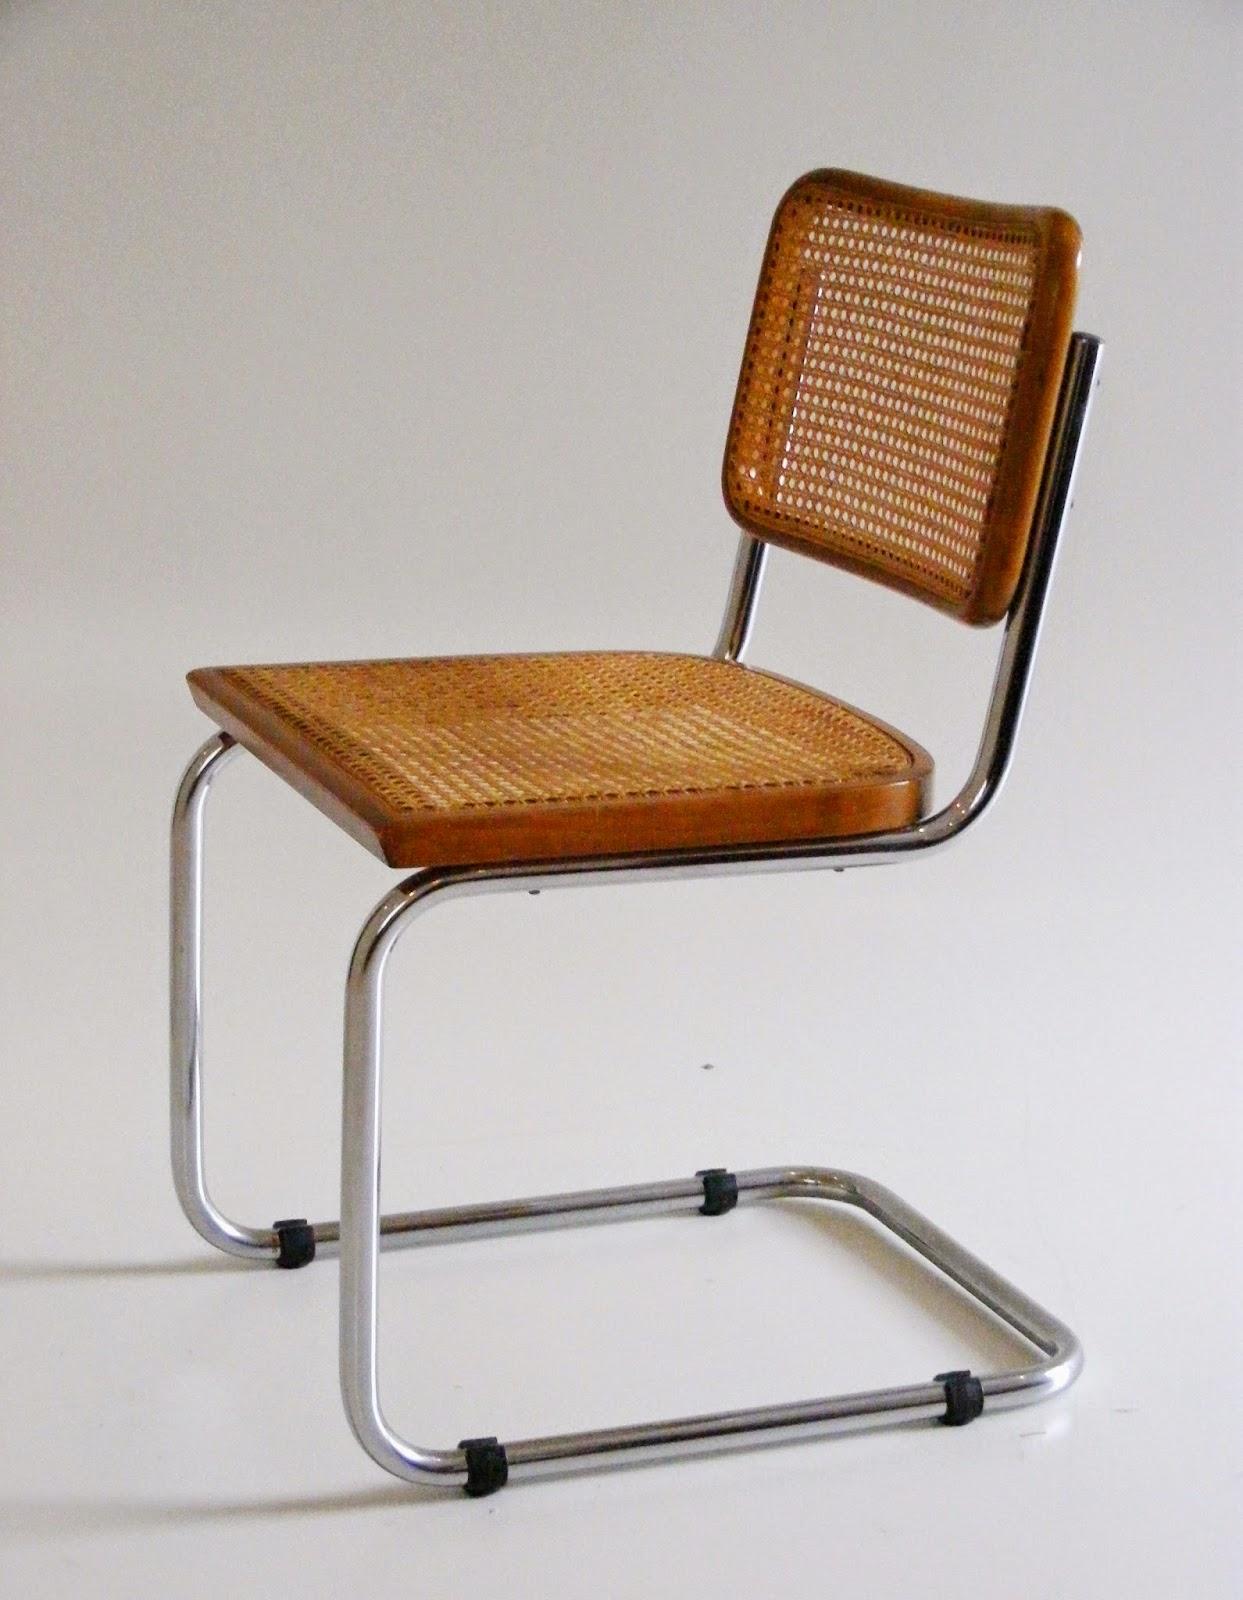 vamp furniture new vintage furniture at vamp 16 may 2014. Black Bedroom Furniture Sets. Home Design Ideas